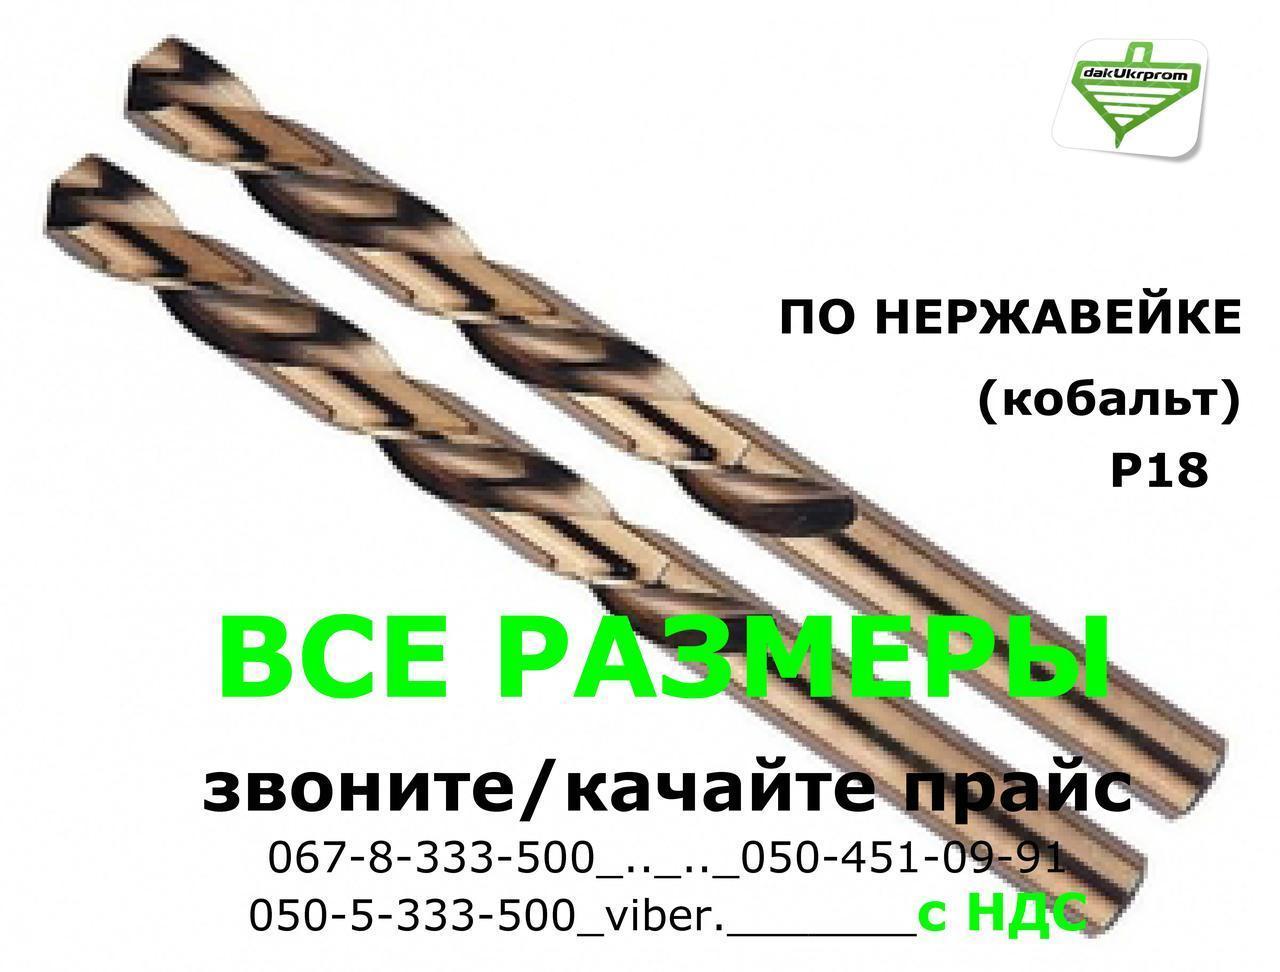 Сверло по нержавейке Р18 - 2,4 мм, (кобальт) промышленного назначения ГОСТ-10902 (DIN338 G-Co)